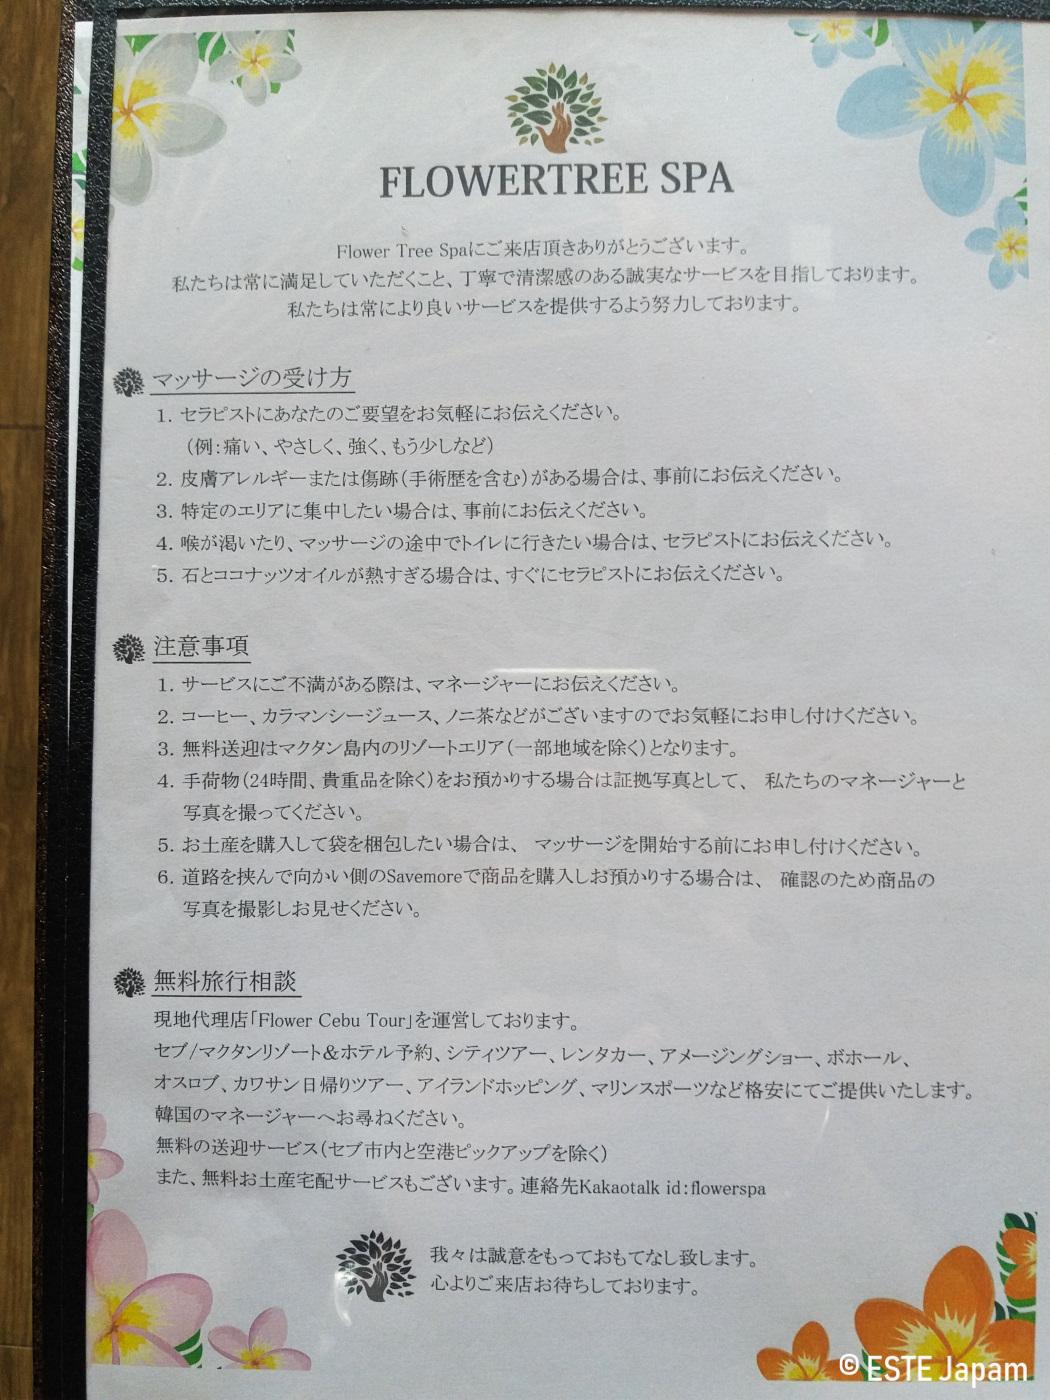 フラワーツリースパのメニュー1